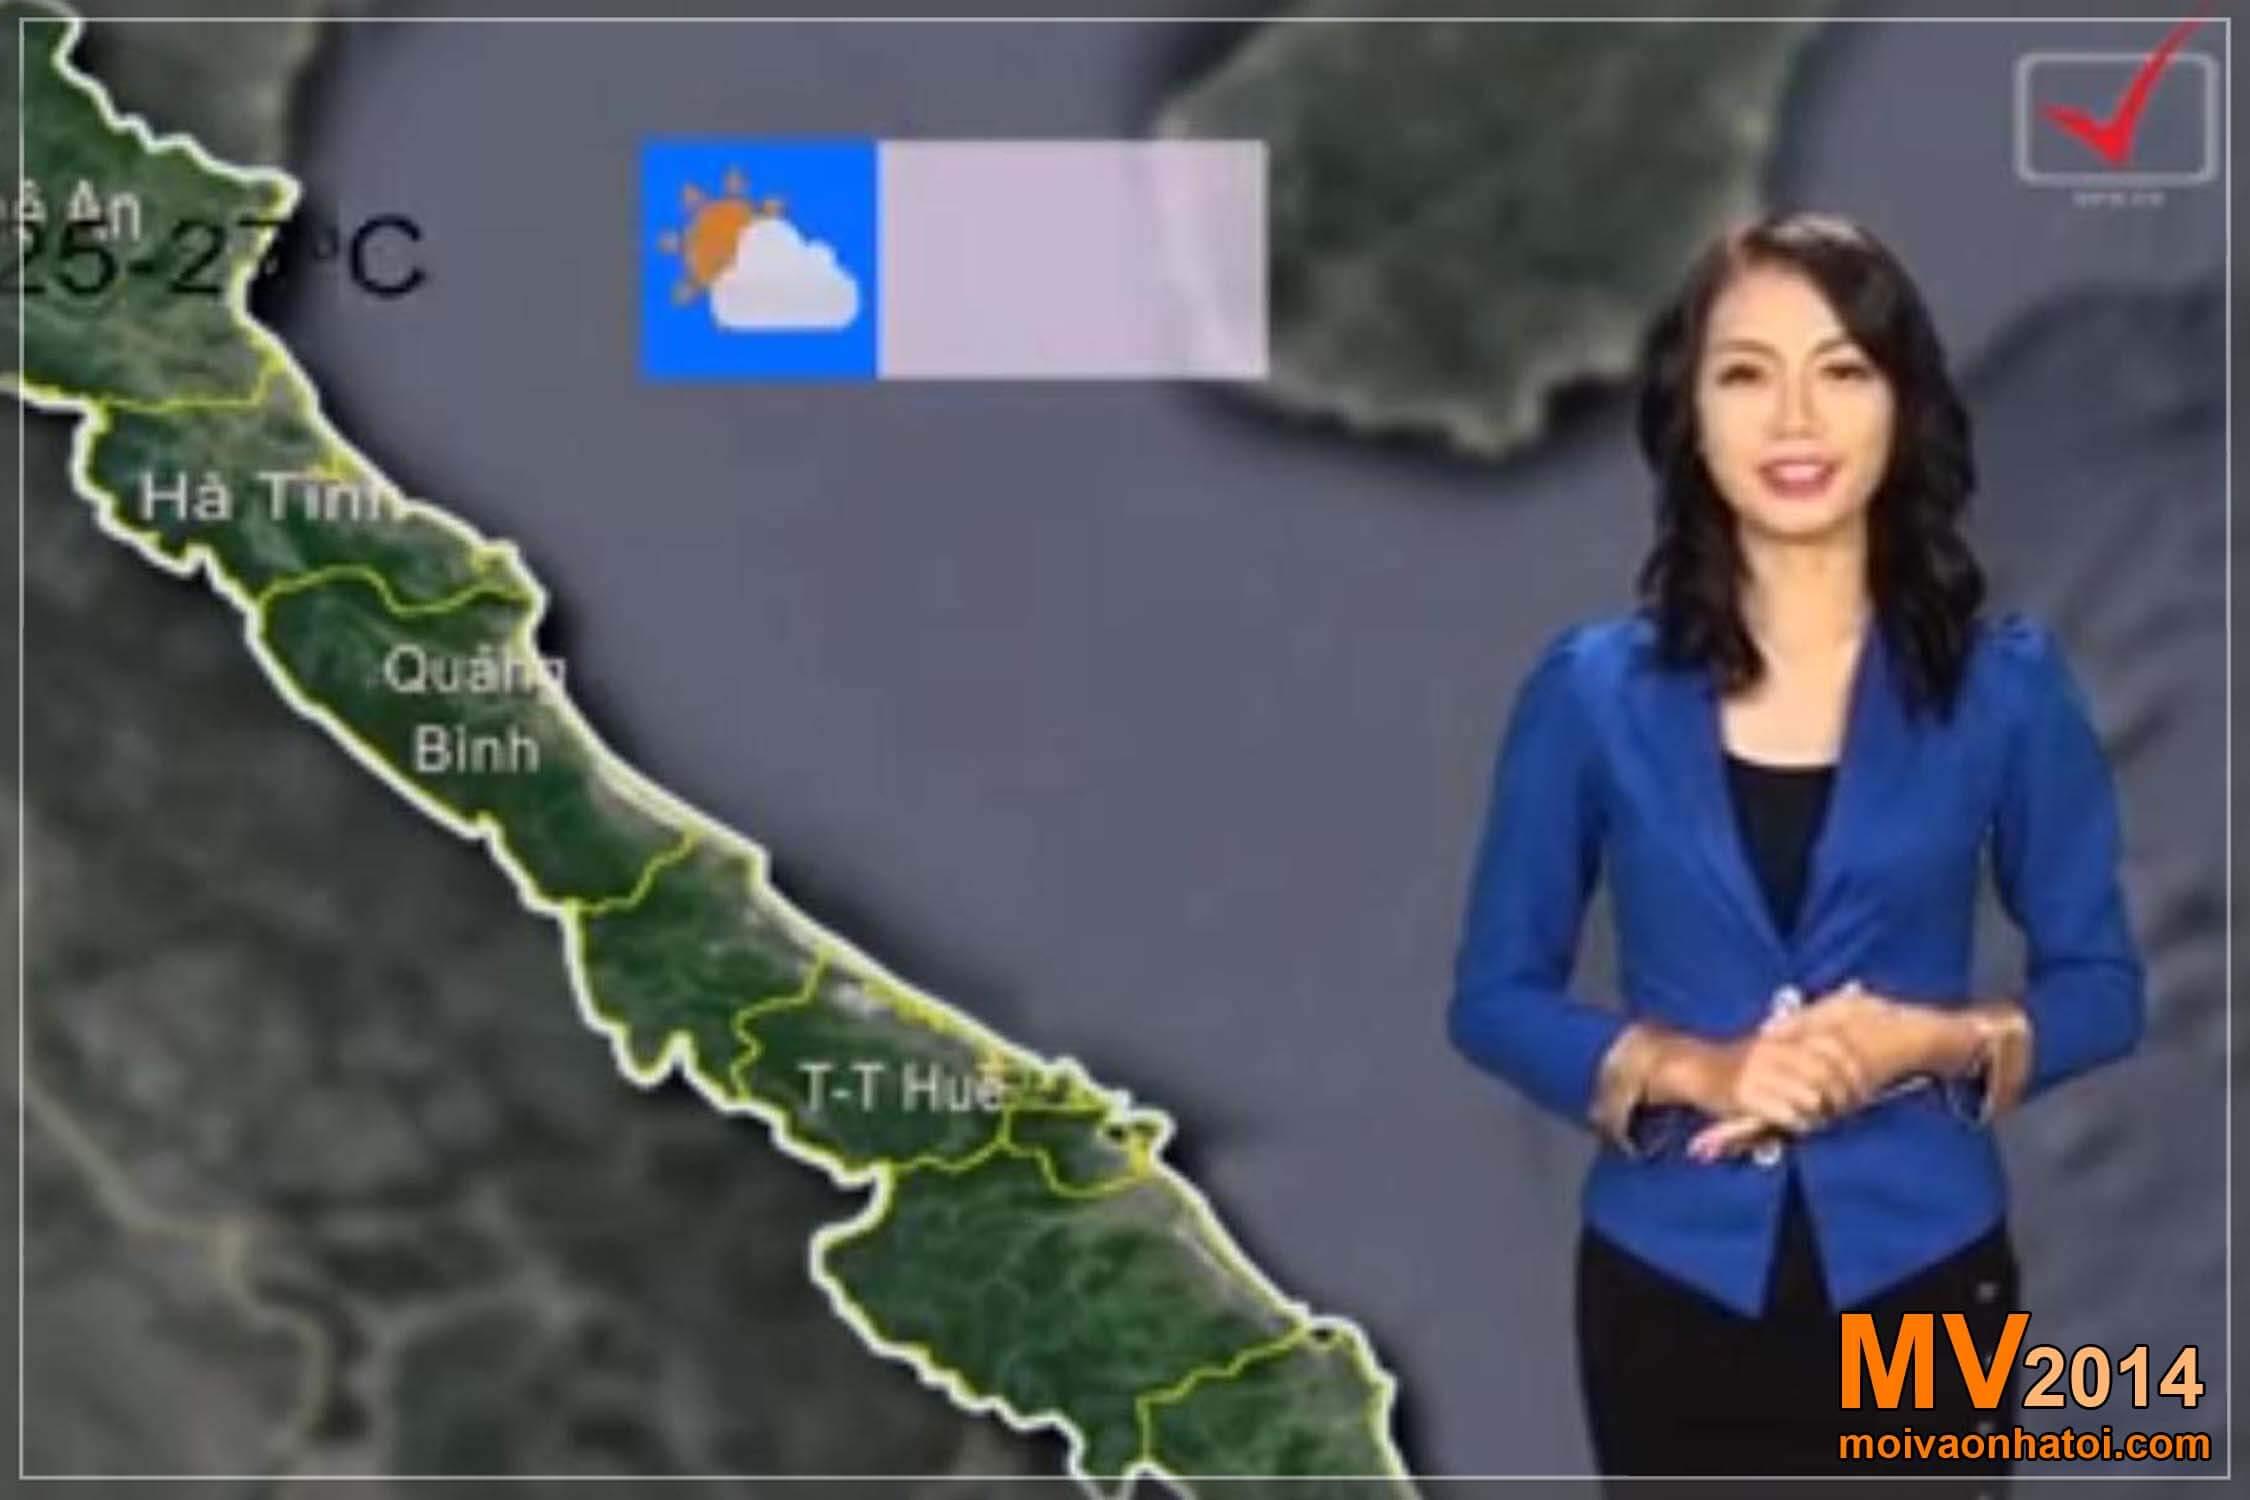 Vân Anh MC dẫn chương trình dự báo thời tiết VTV3